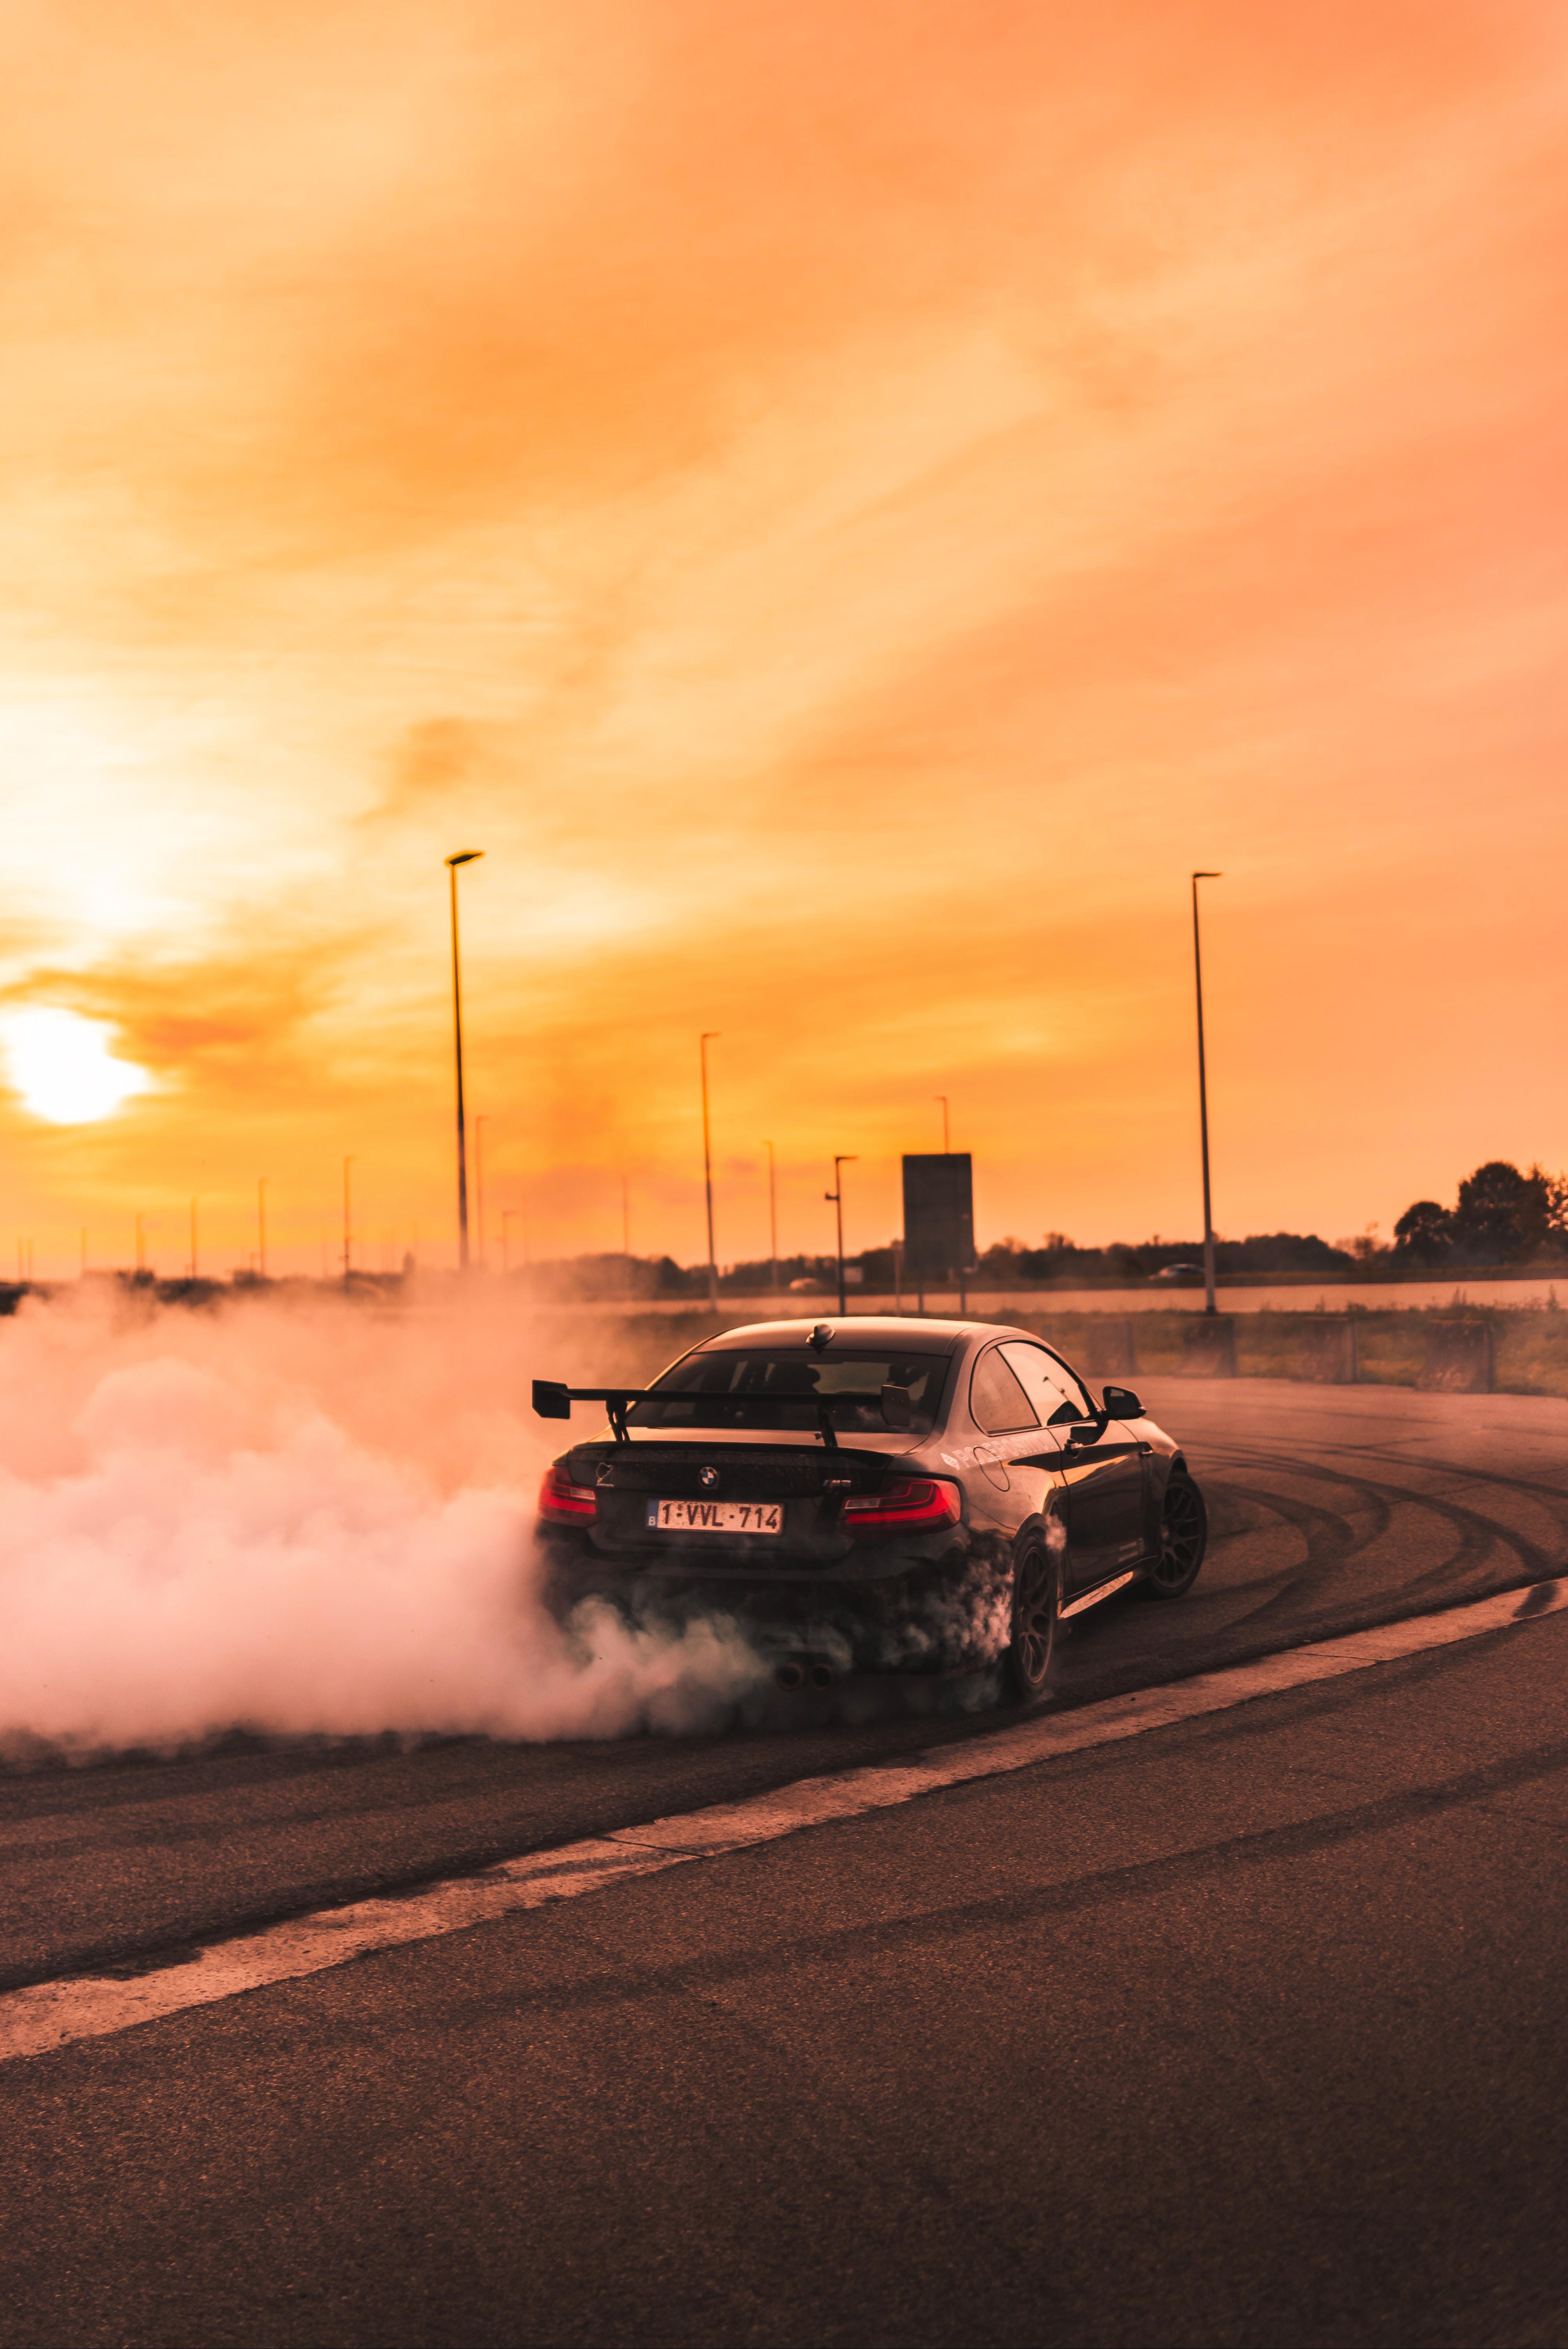 139085 скачать обои Бмв (Bmw), Дрифт, Закат, Дым, Тачки (Cars), Скорость - заставки и картинки бесплатно